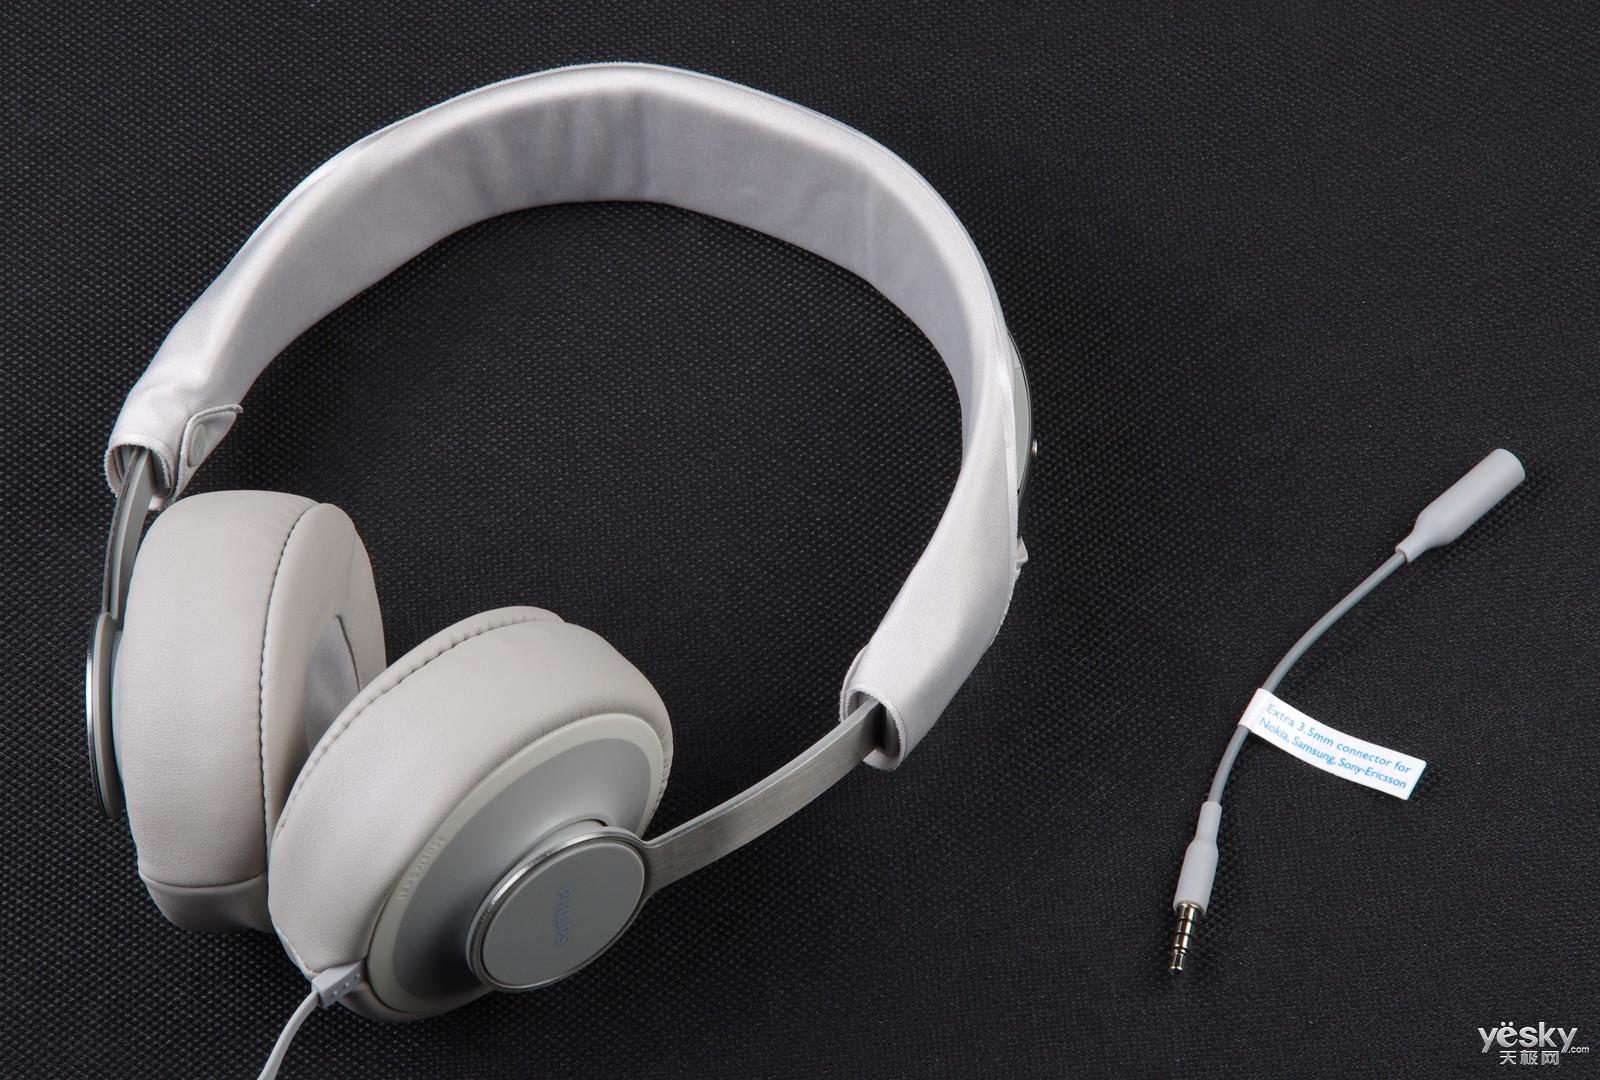 音乐与通话兼用 飞利浦SHL5605头戴耳机首测